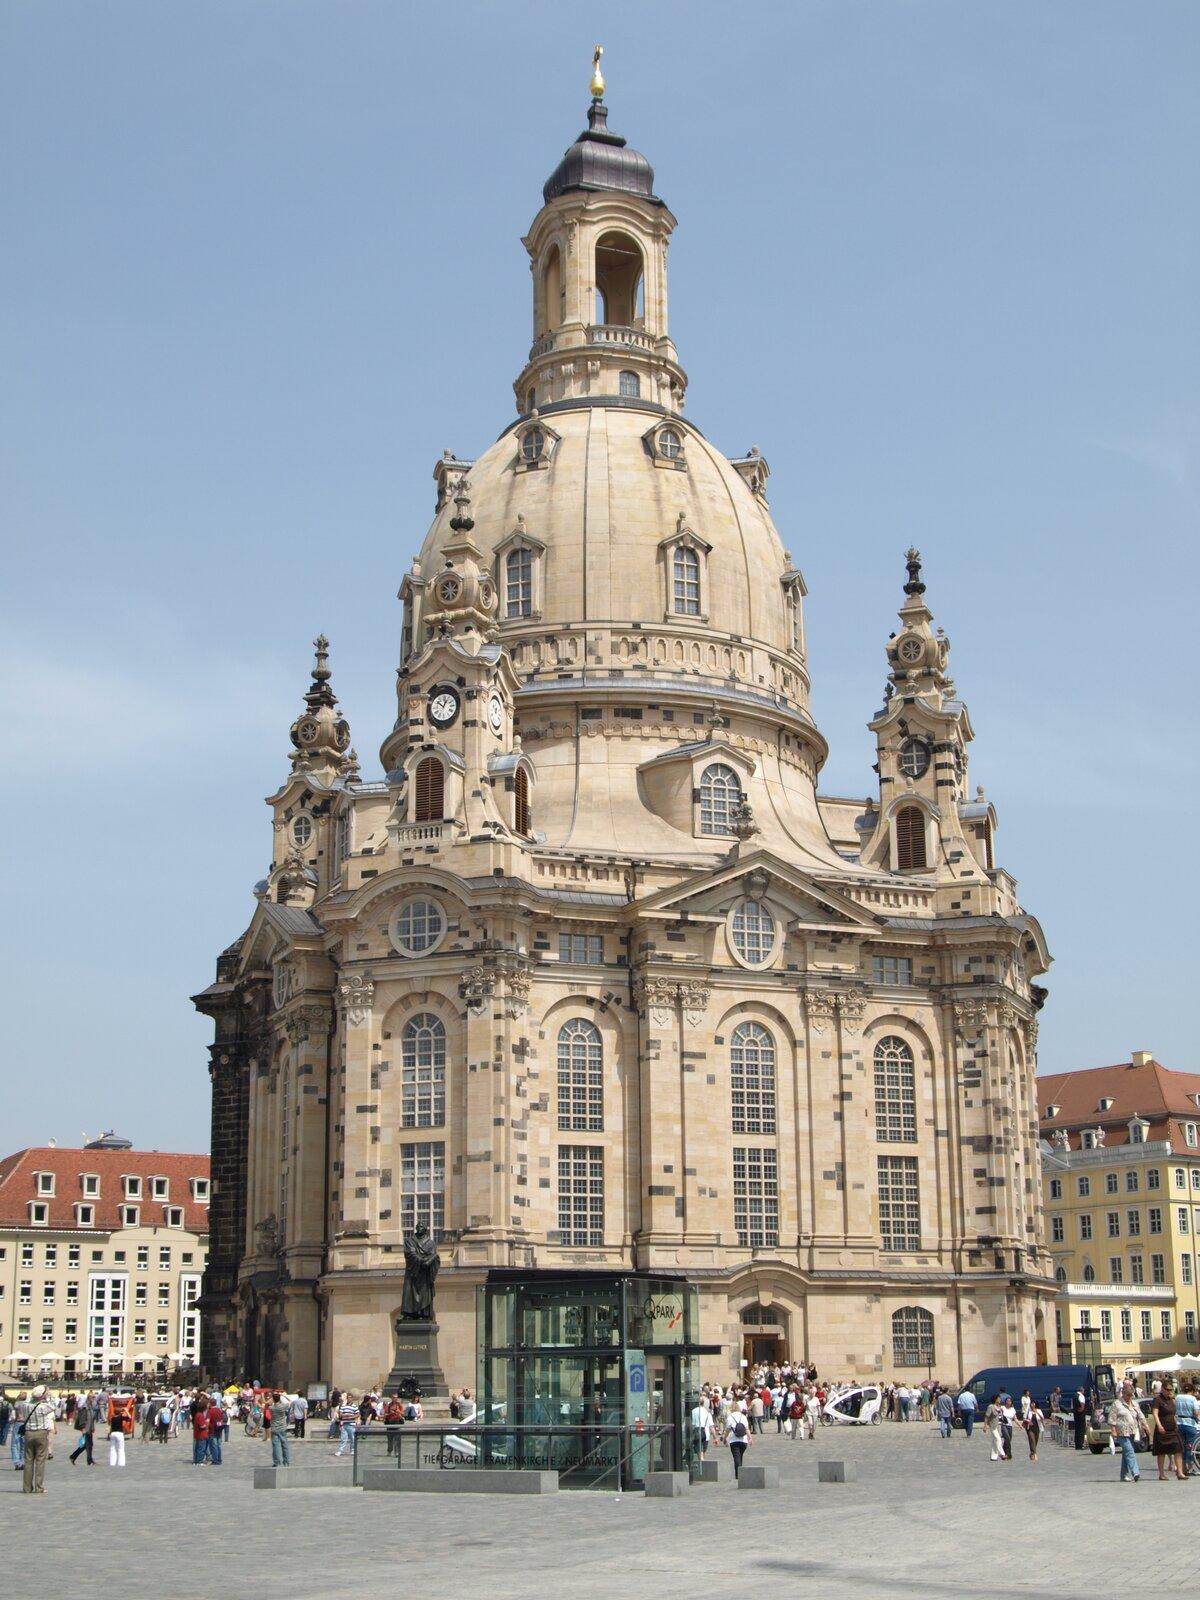 Budowle barokowego Drezna:Kościół Marii Panny Budowle barokowego Drezna:Kościół Marii Panny Źródło: Tjbobersen, Wikimedia Commons, licencja: CC BY 3.0.